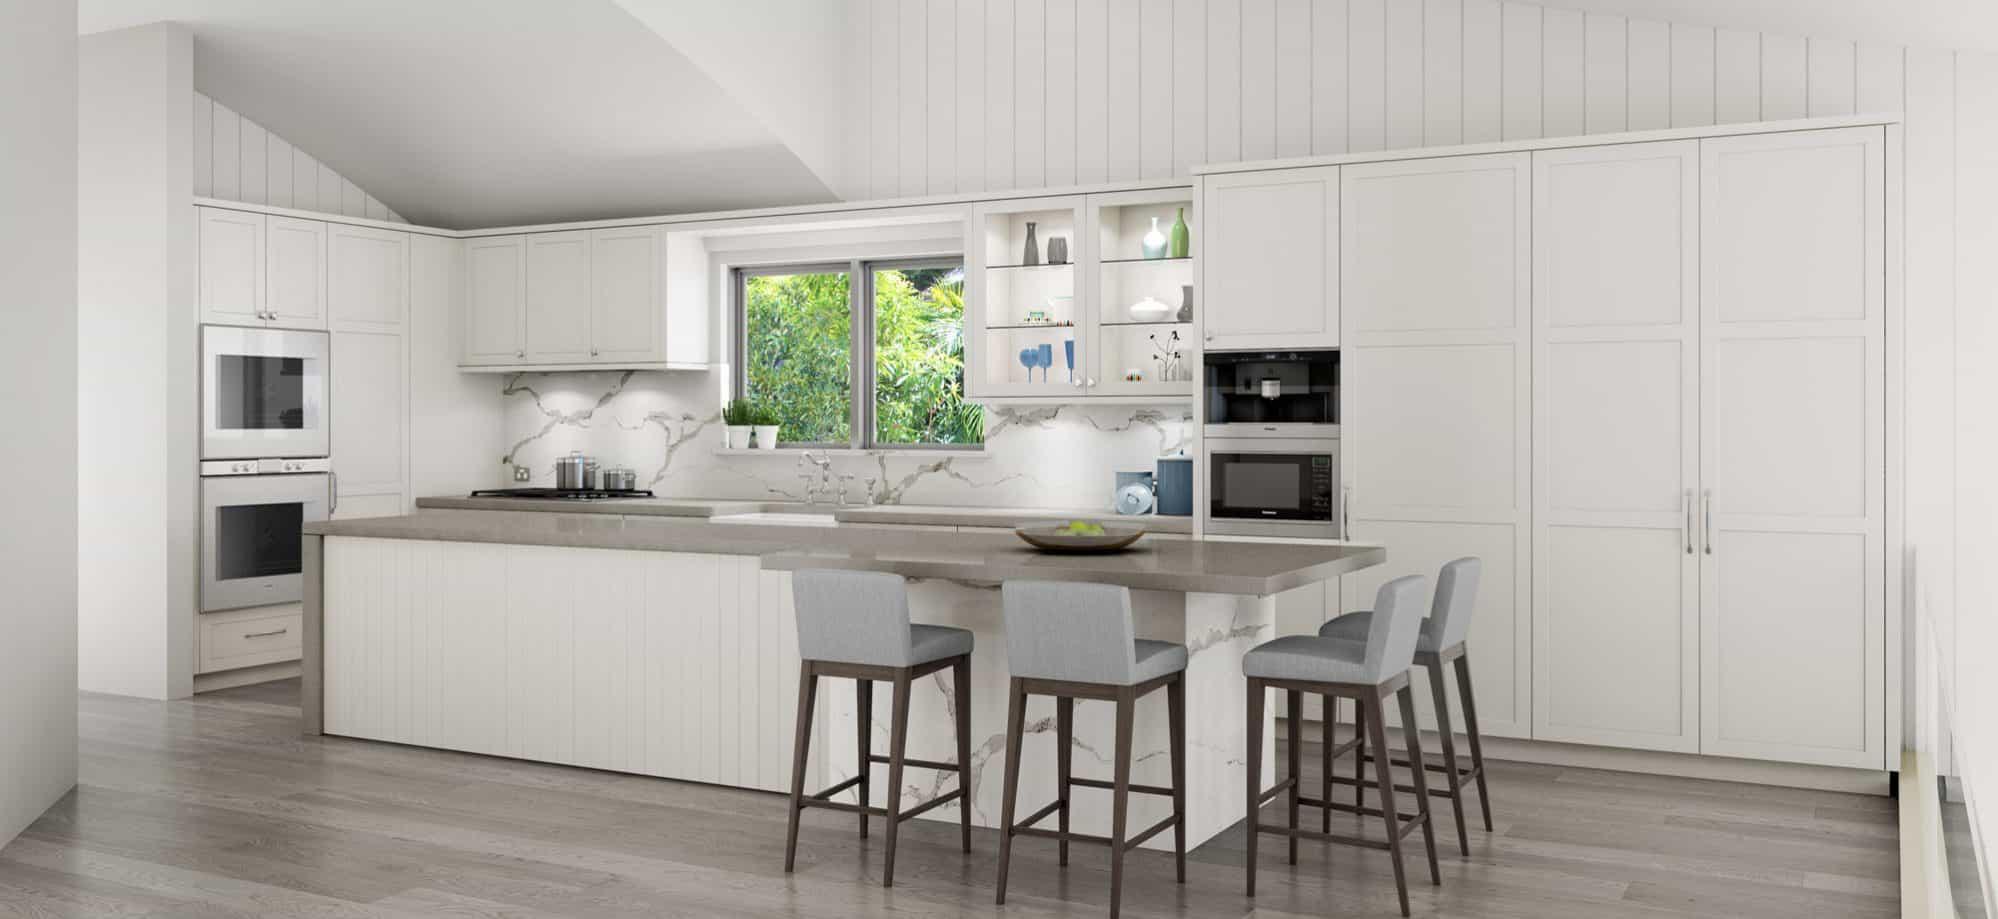 Shaker kitchen designs dan kitchens - Shaker kitchen designs photo gallery ...